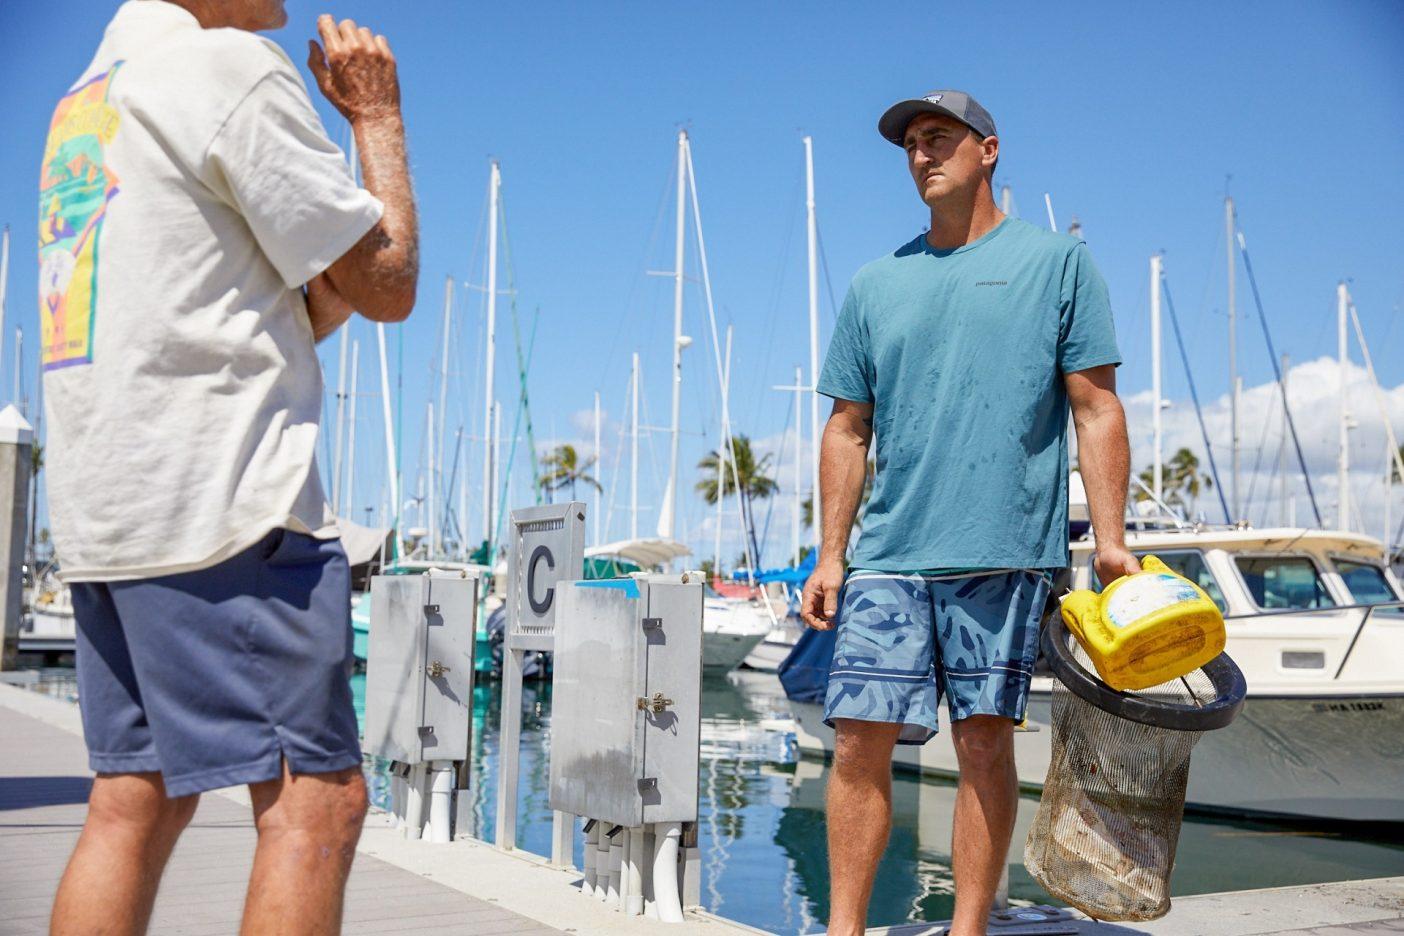 ハーバーでの奉仕活動がスタートした。興味津々の通行人にシービンの機能を説明するウィルキンソン。Photo: Ryan T. Foley